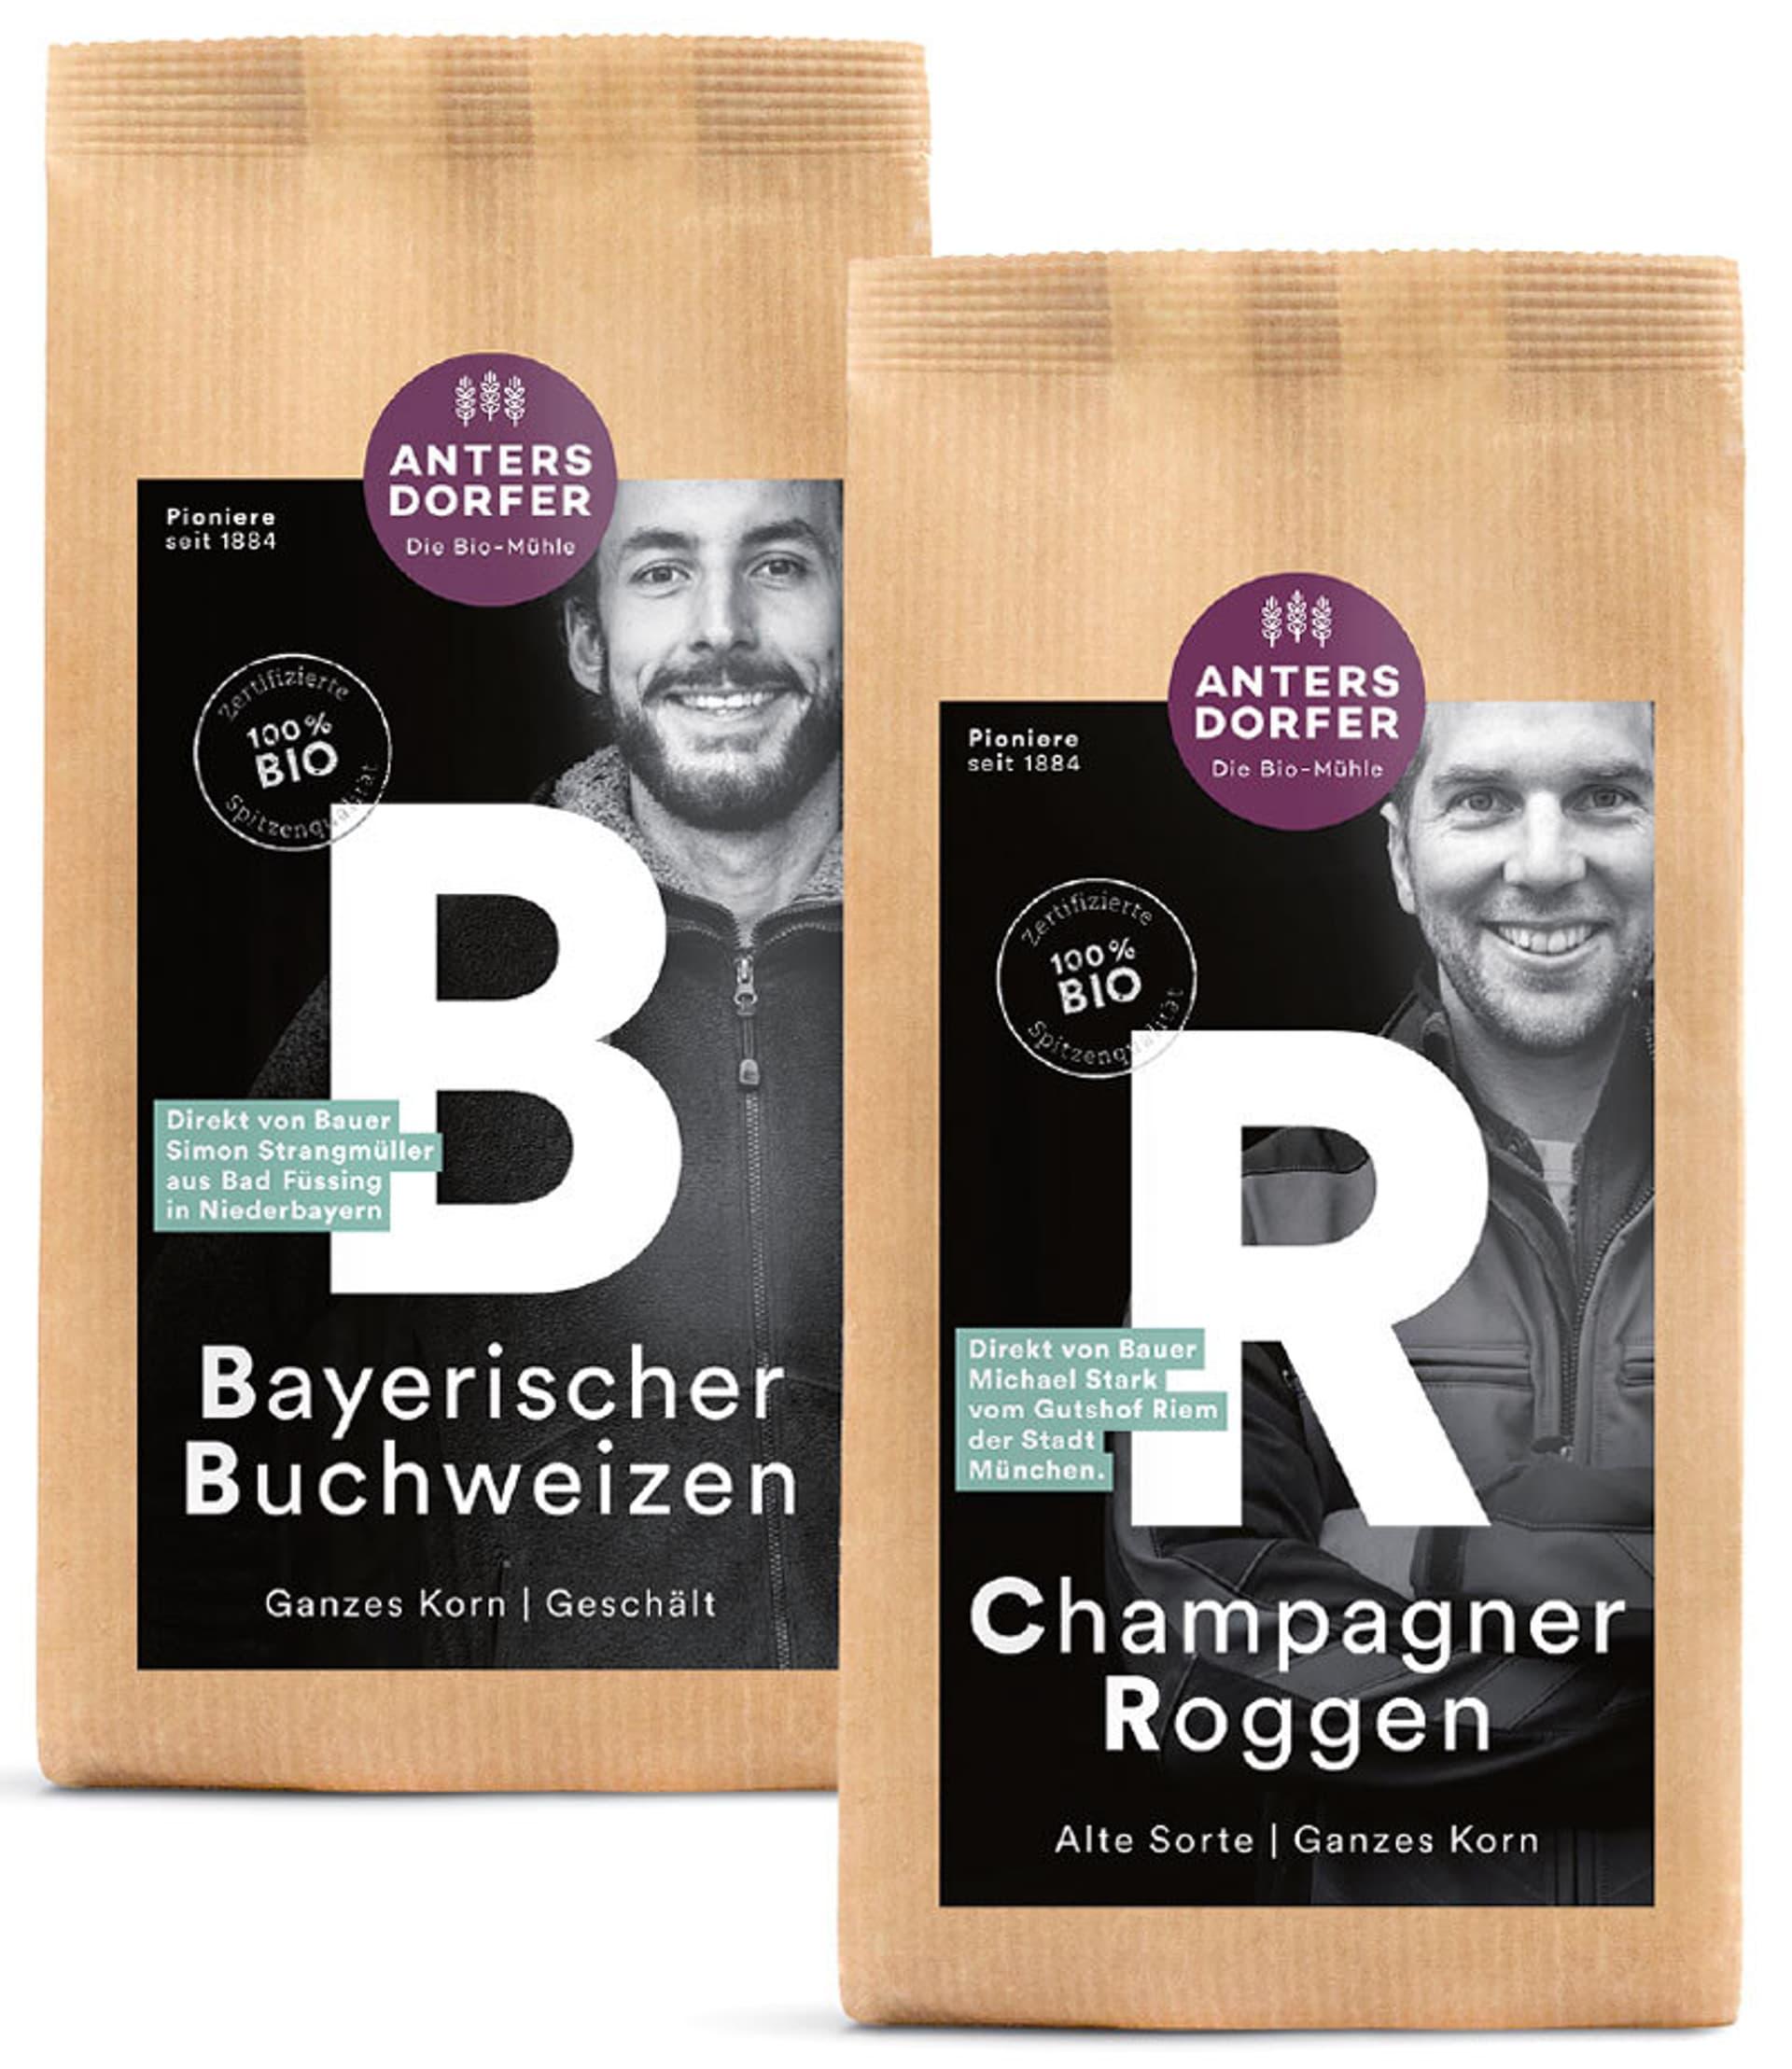 Antersdorfer champagner roggen buchweizen